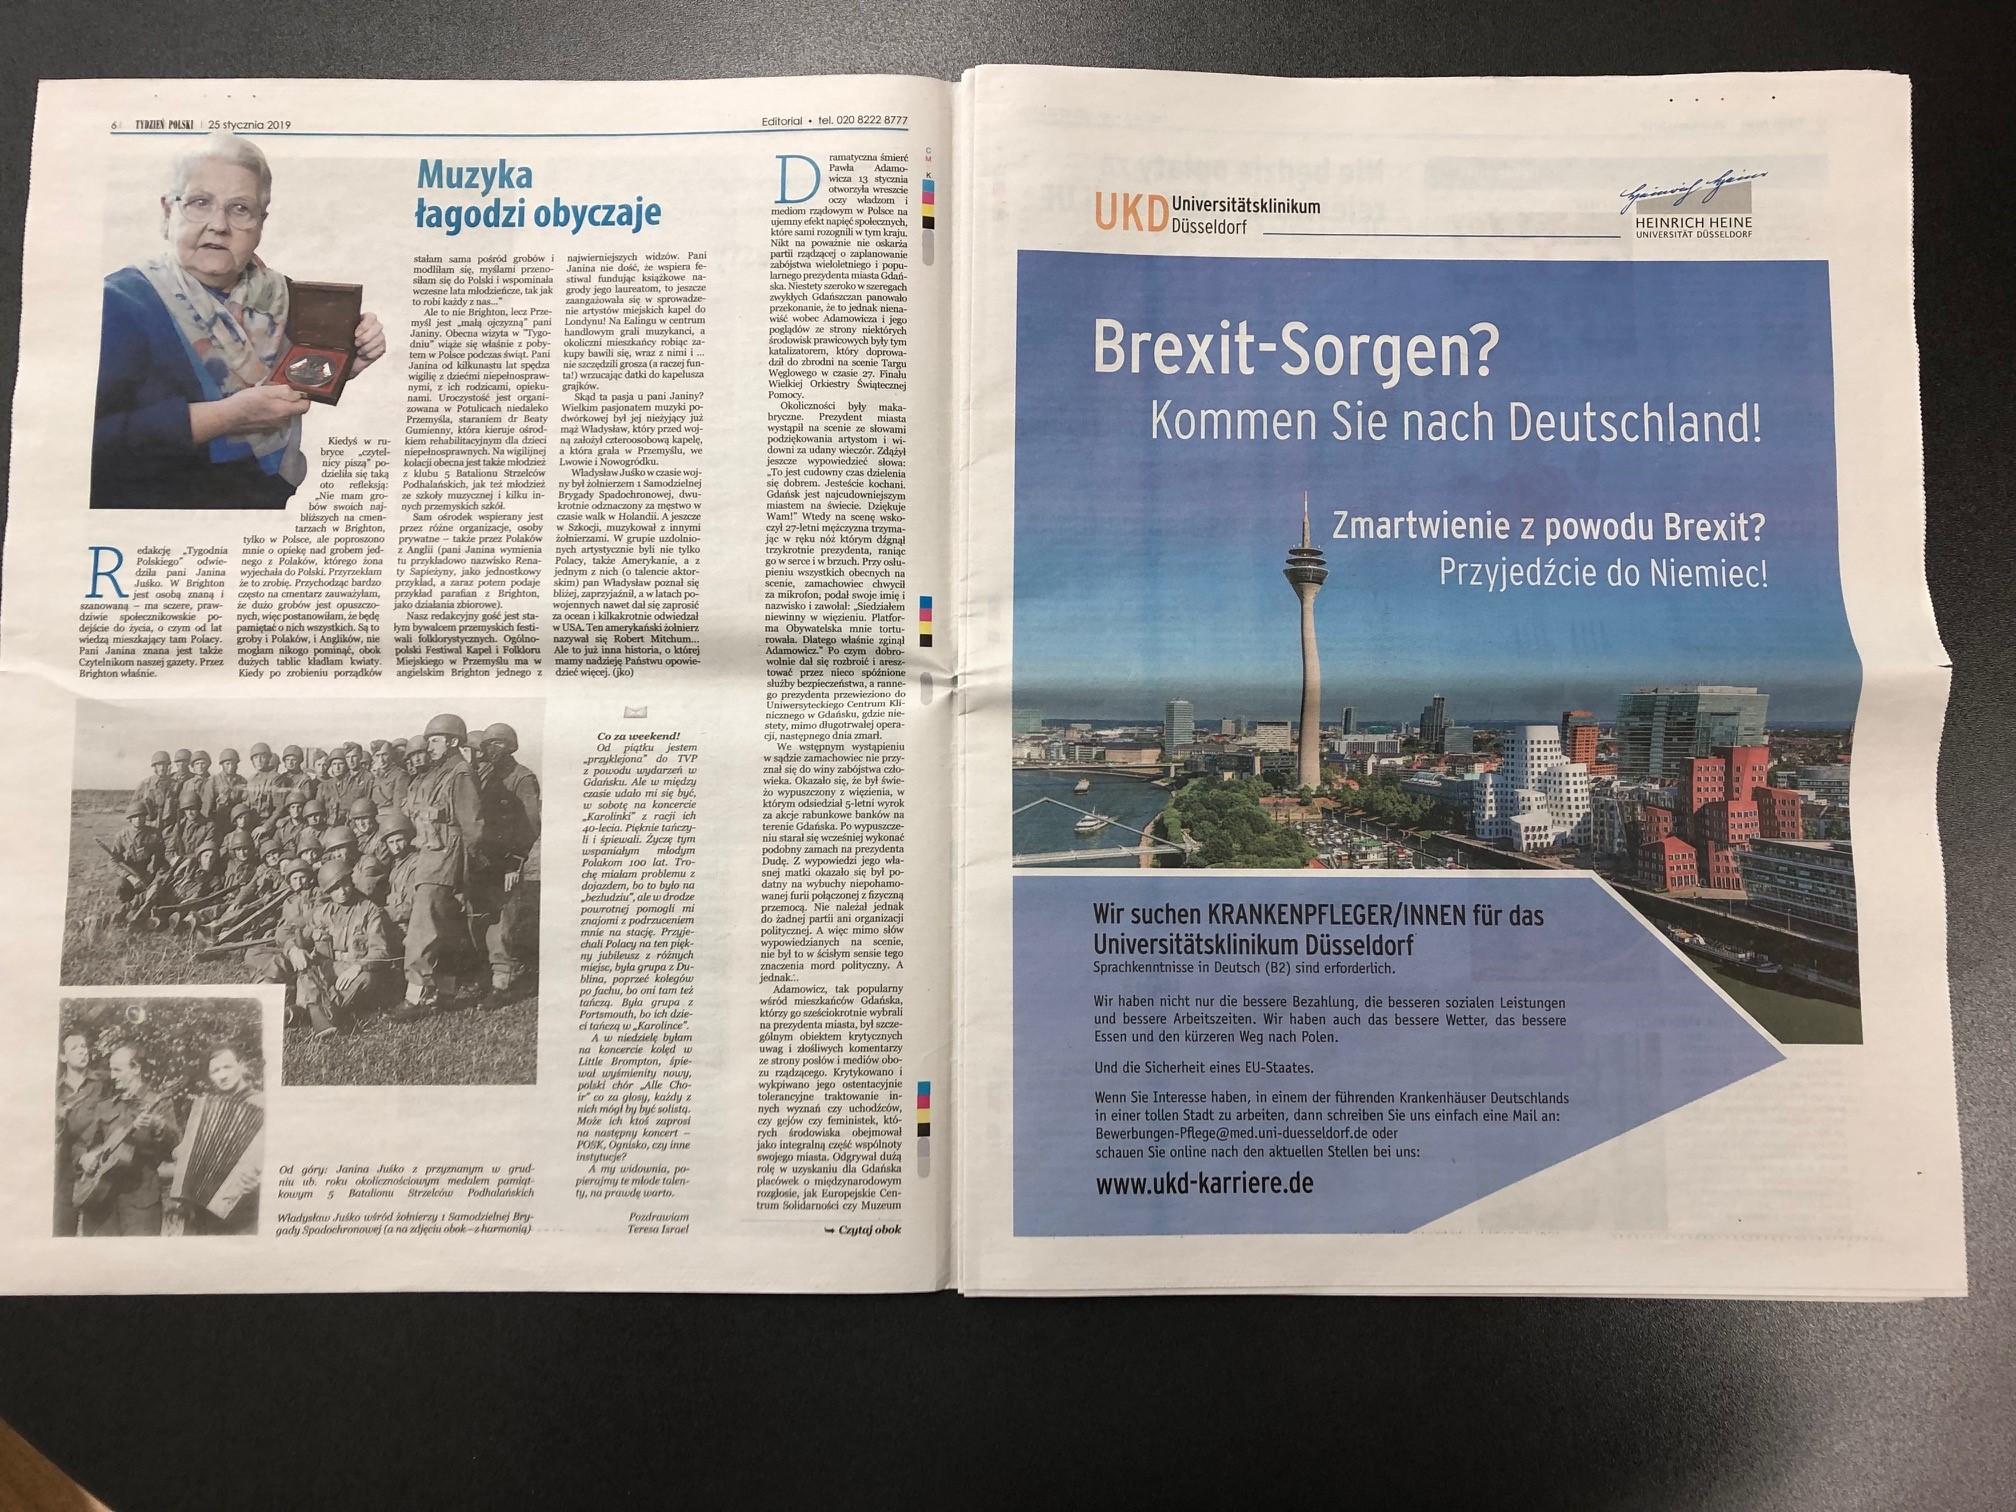 Was haben die jüngsten Entwicklungen in der Europapolitik mit der Rekrutierung von Fachpersonal in der Uniklinik Düsseldorf zu tun? Eine ganze Menge. Die Klinik kam nämlich auf die findige Idee, vom Bretix betroffenen polnischen Pflegekräfte mit einer Anzeigenkampagne nach Deutschland abzuwerben.